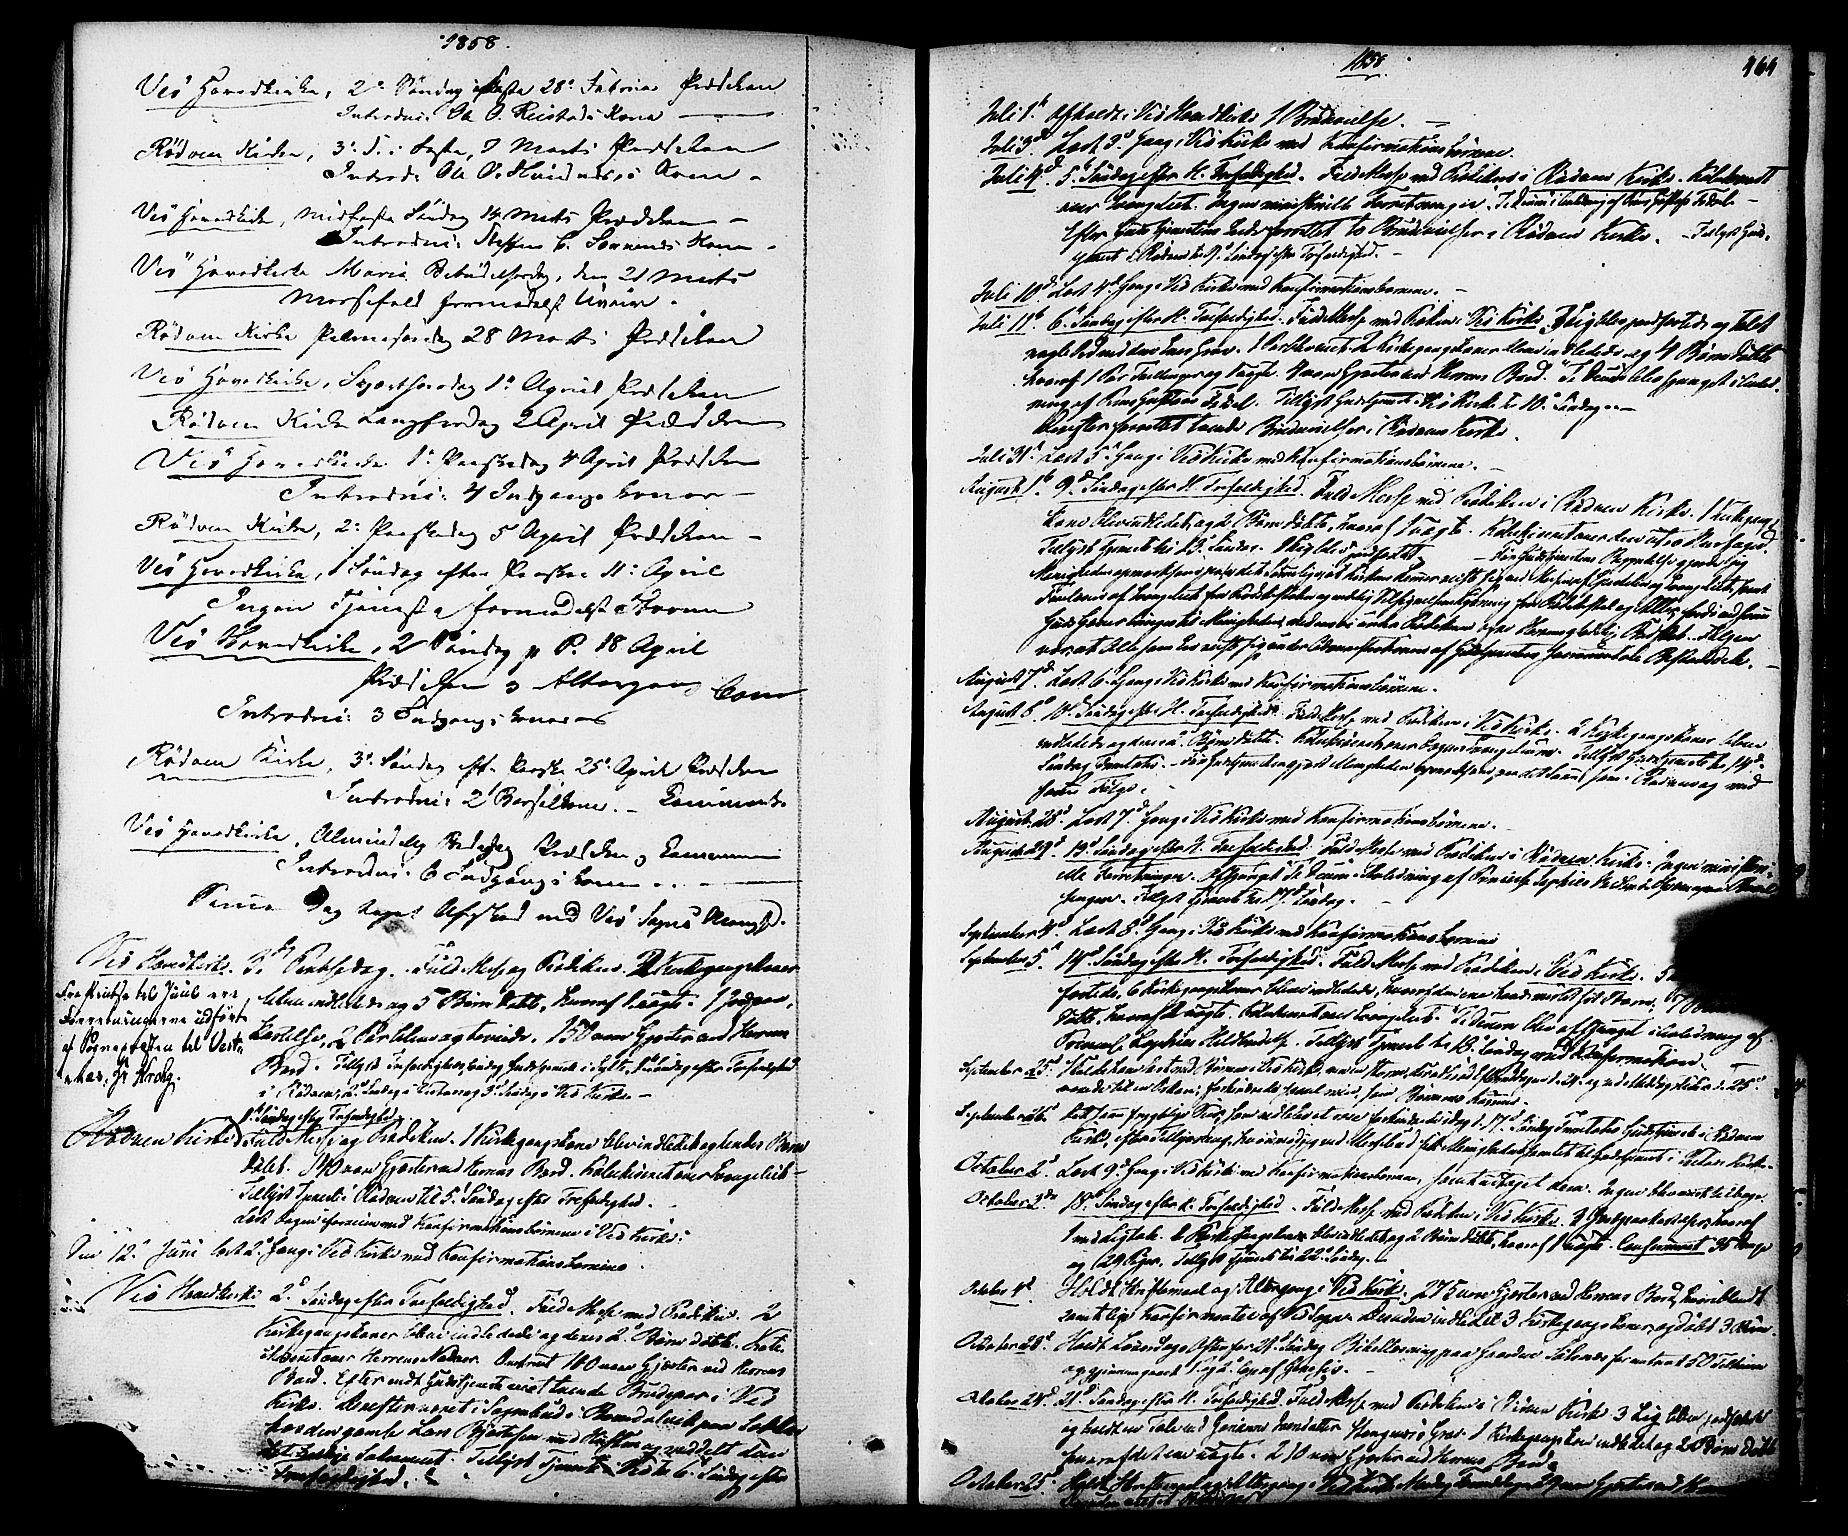 SAT, Ministerialprotokoller, klokkerbøker og fødselsregistre - Møre og Romsdal, 547/L0603: Ministerialbok nr. 547A05, 1846-1877, s. 464